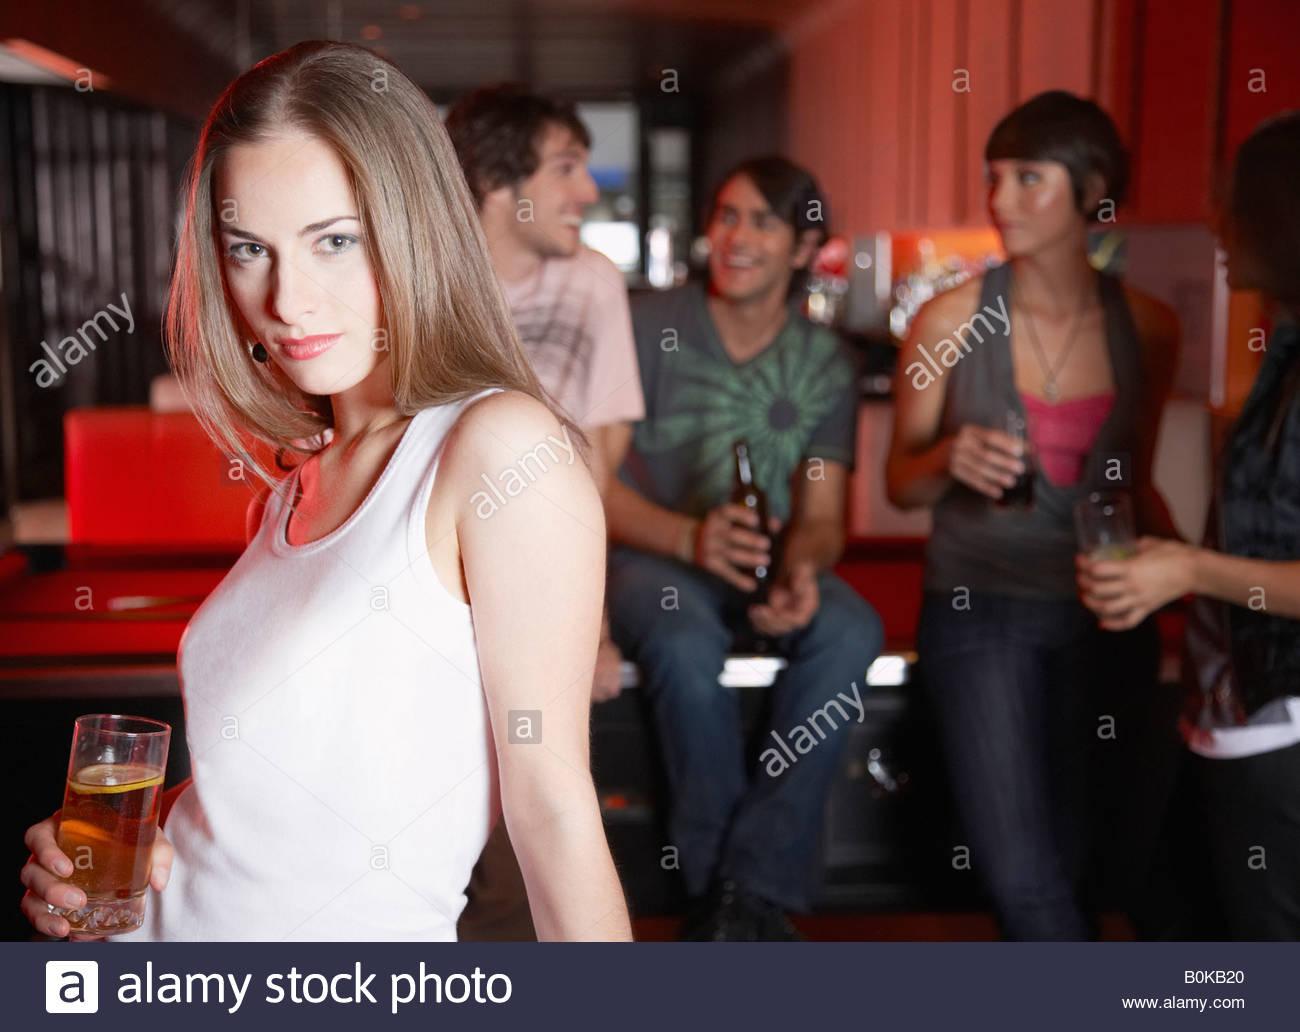 Donna con bevanda appoggiata sul tavolo da biliardo Immagini Stock